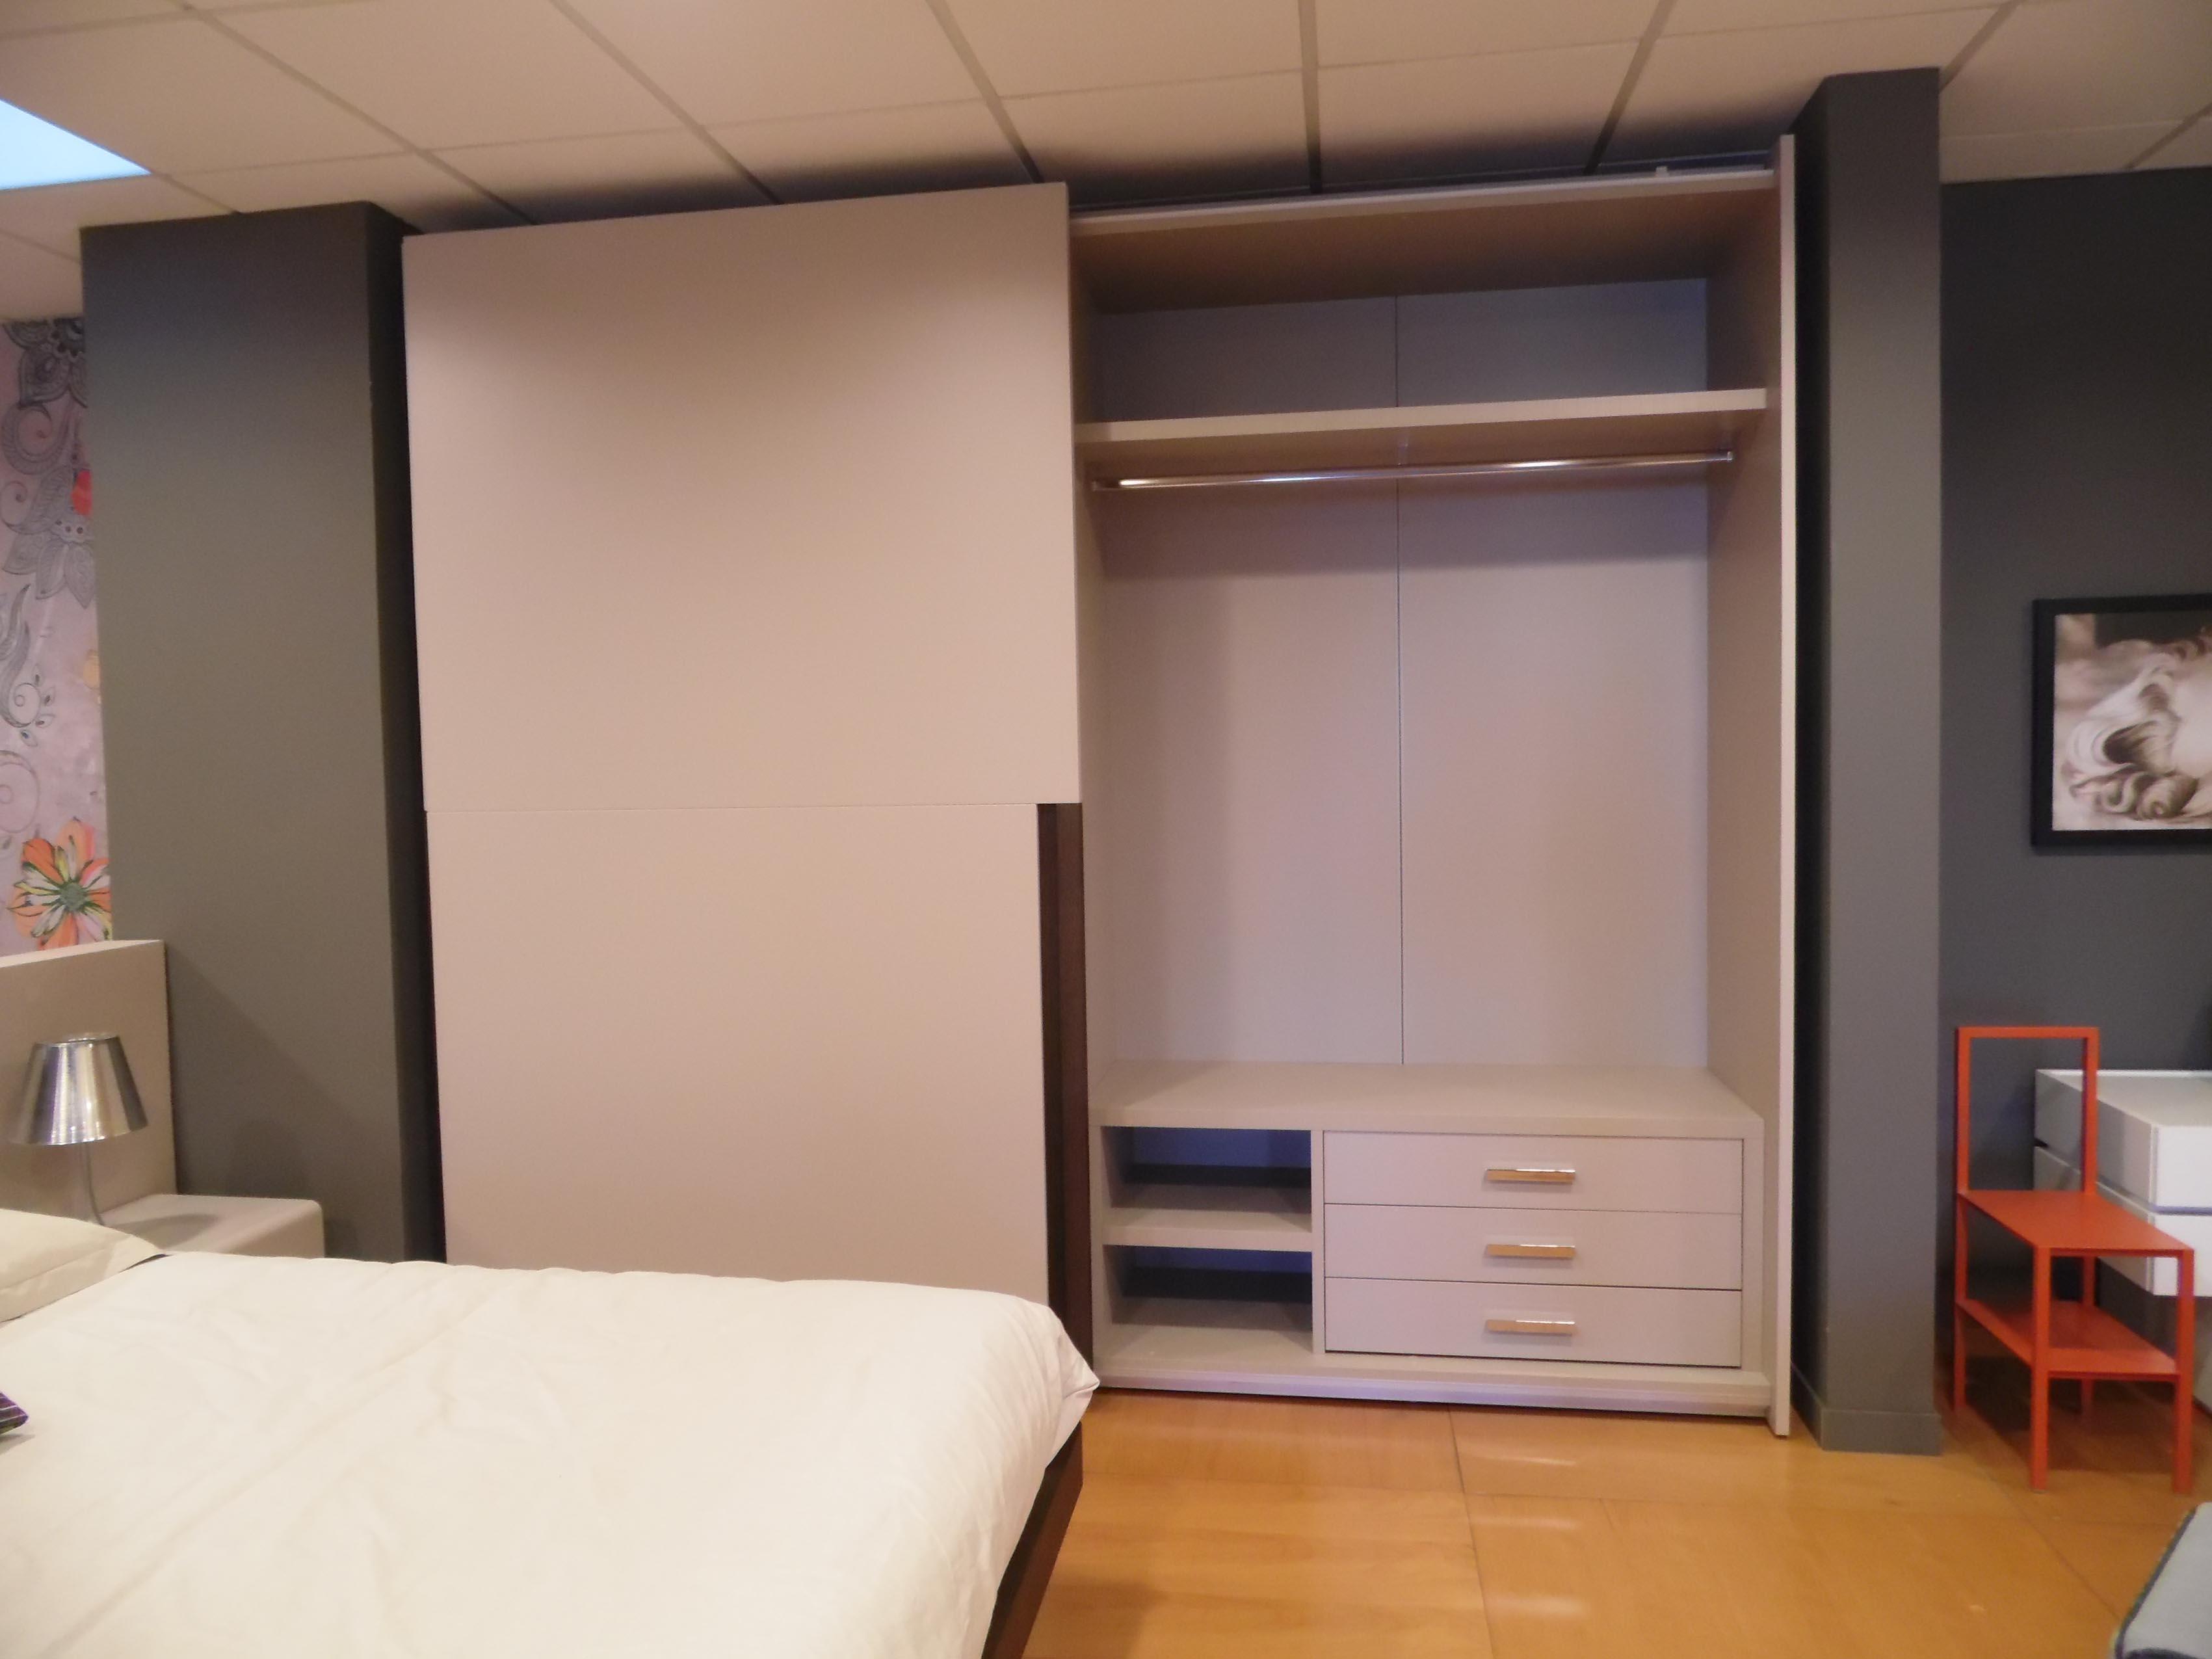 Camera doimo design completa gruppo swing letto plinio e armadio charme sconto 47 - Letto e armadio ...